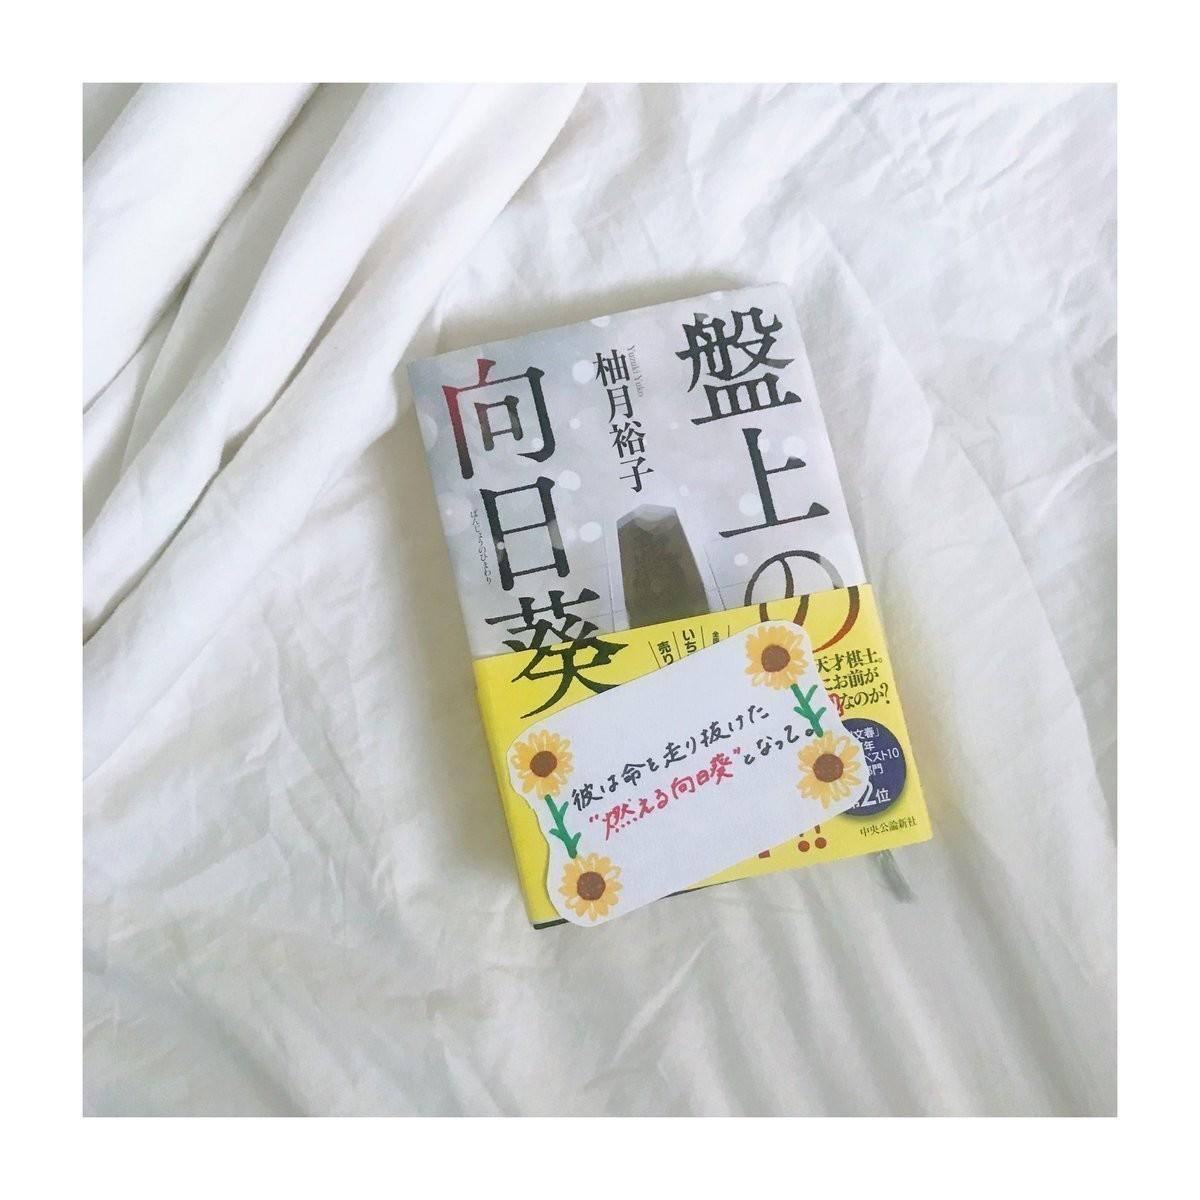 7.14_盤上の向日葵